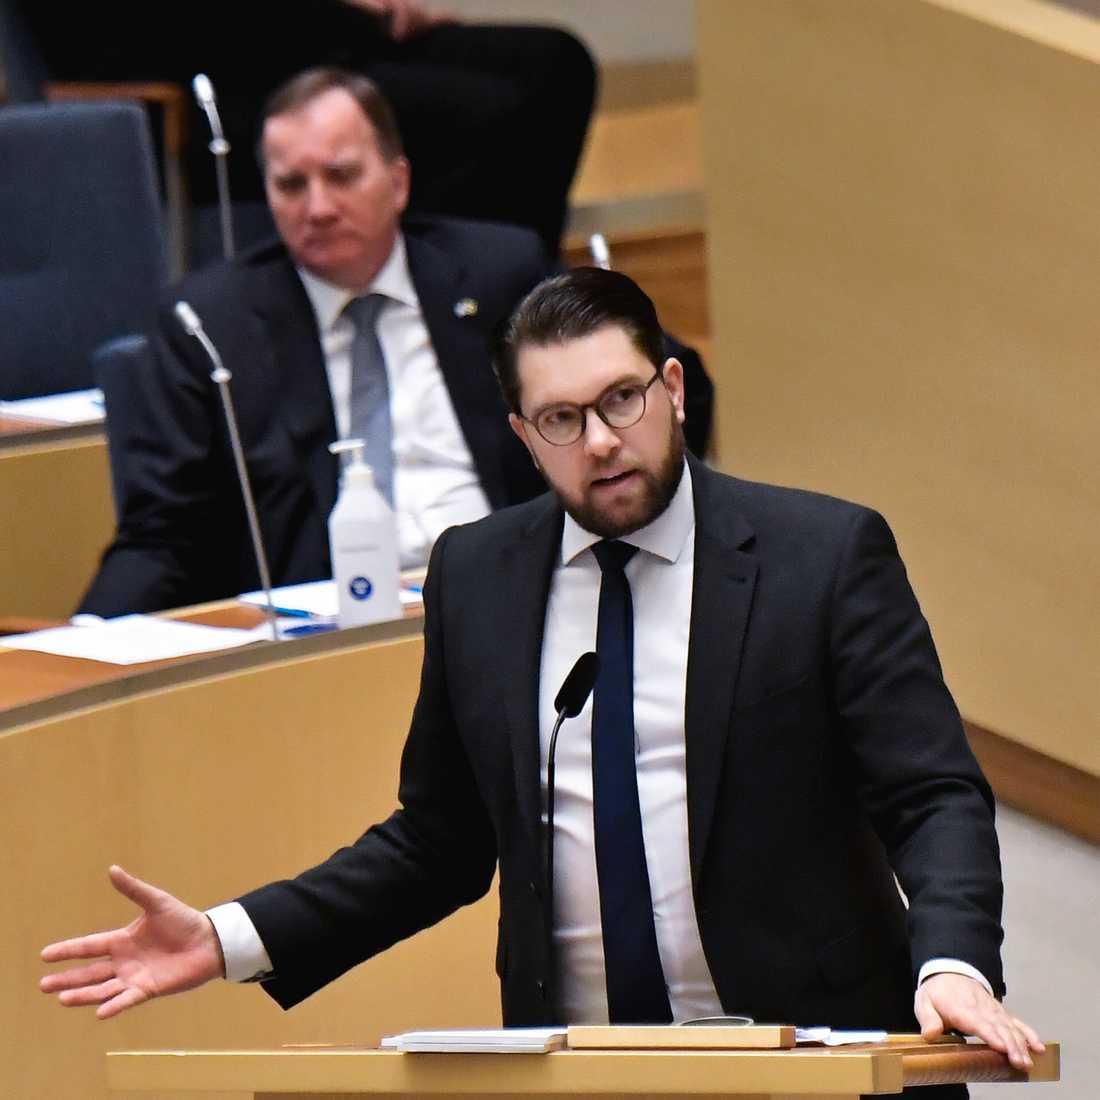 Sverigedemokraternas partiledare Jimmie Åkesson (SD) under dagens partiledardebatt i riksdagen. Foto: Janerik Henriksson / TT